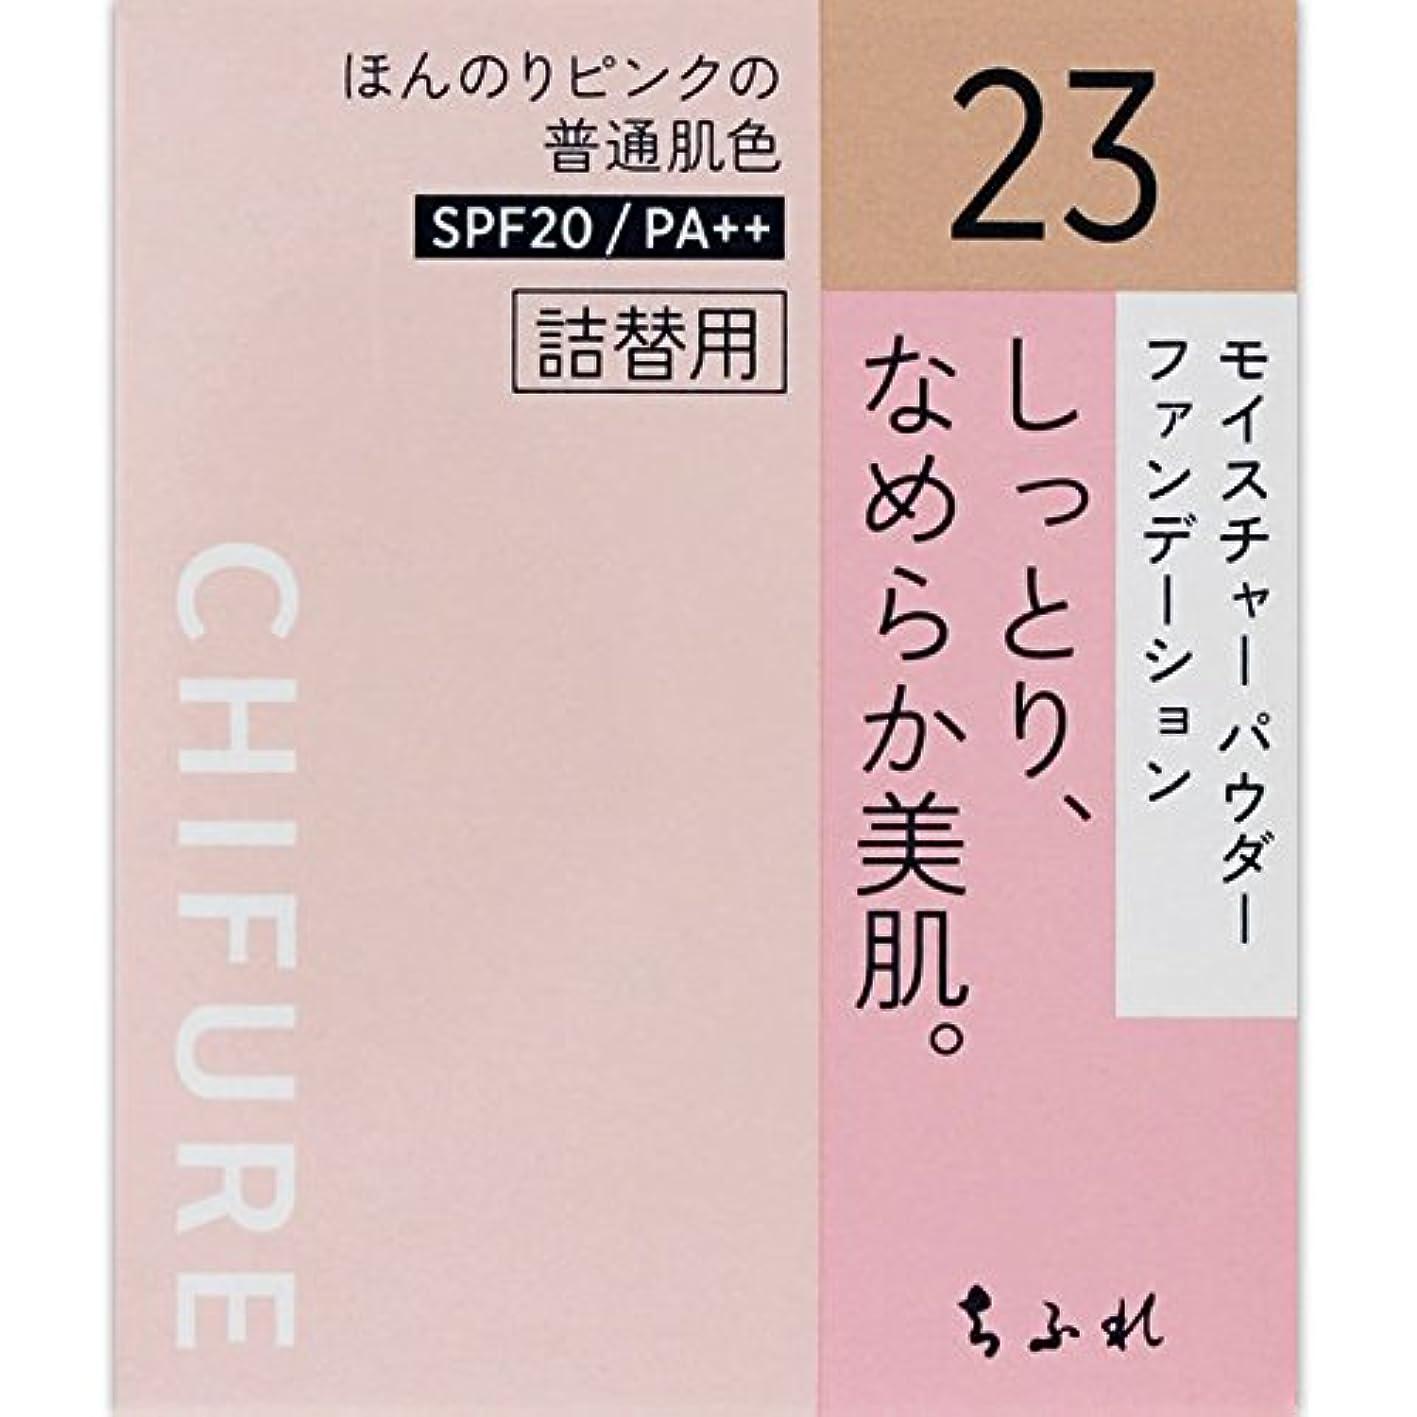 差し控える紫のクリーナーちふれ化粧品 モイスチャー パウダーファンデーション 詰替用 ピンクオークル系 MパウダーFD詰替用23